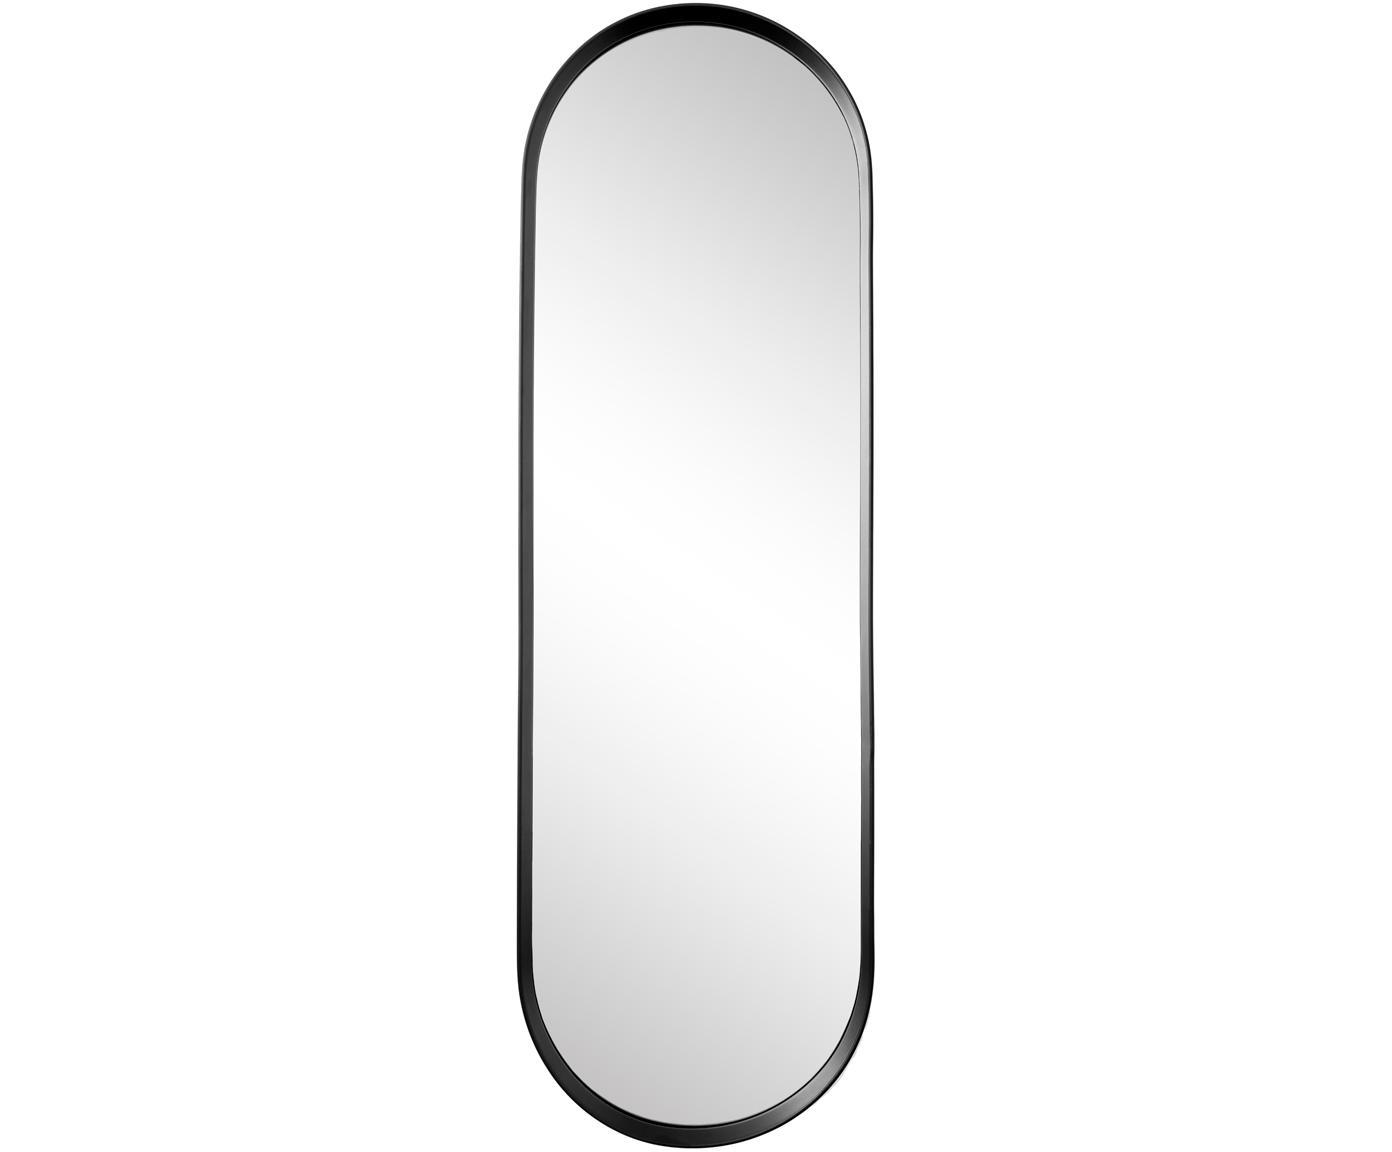 Specchio da parete Norm, Cornice: alluminio verniciato a po, Superficie dello specchio: lastra di vetro, Nero, Larg. 40 x Alt. 130 cm